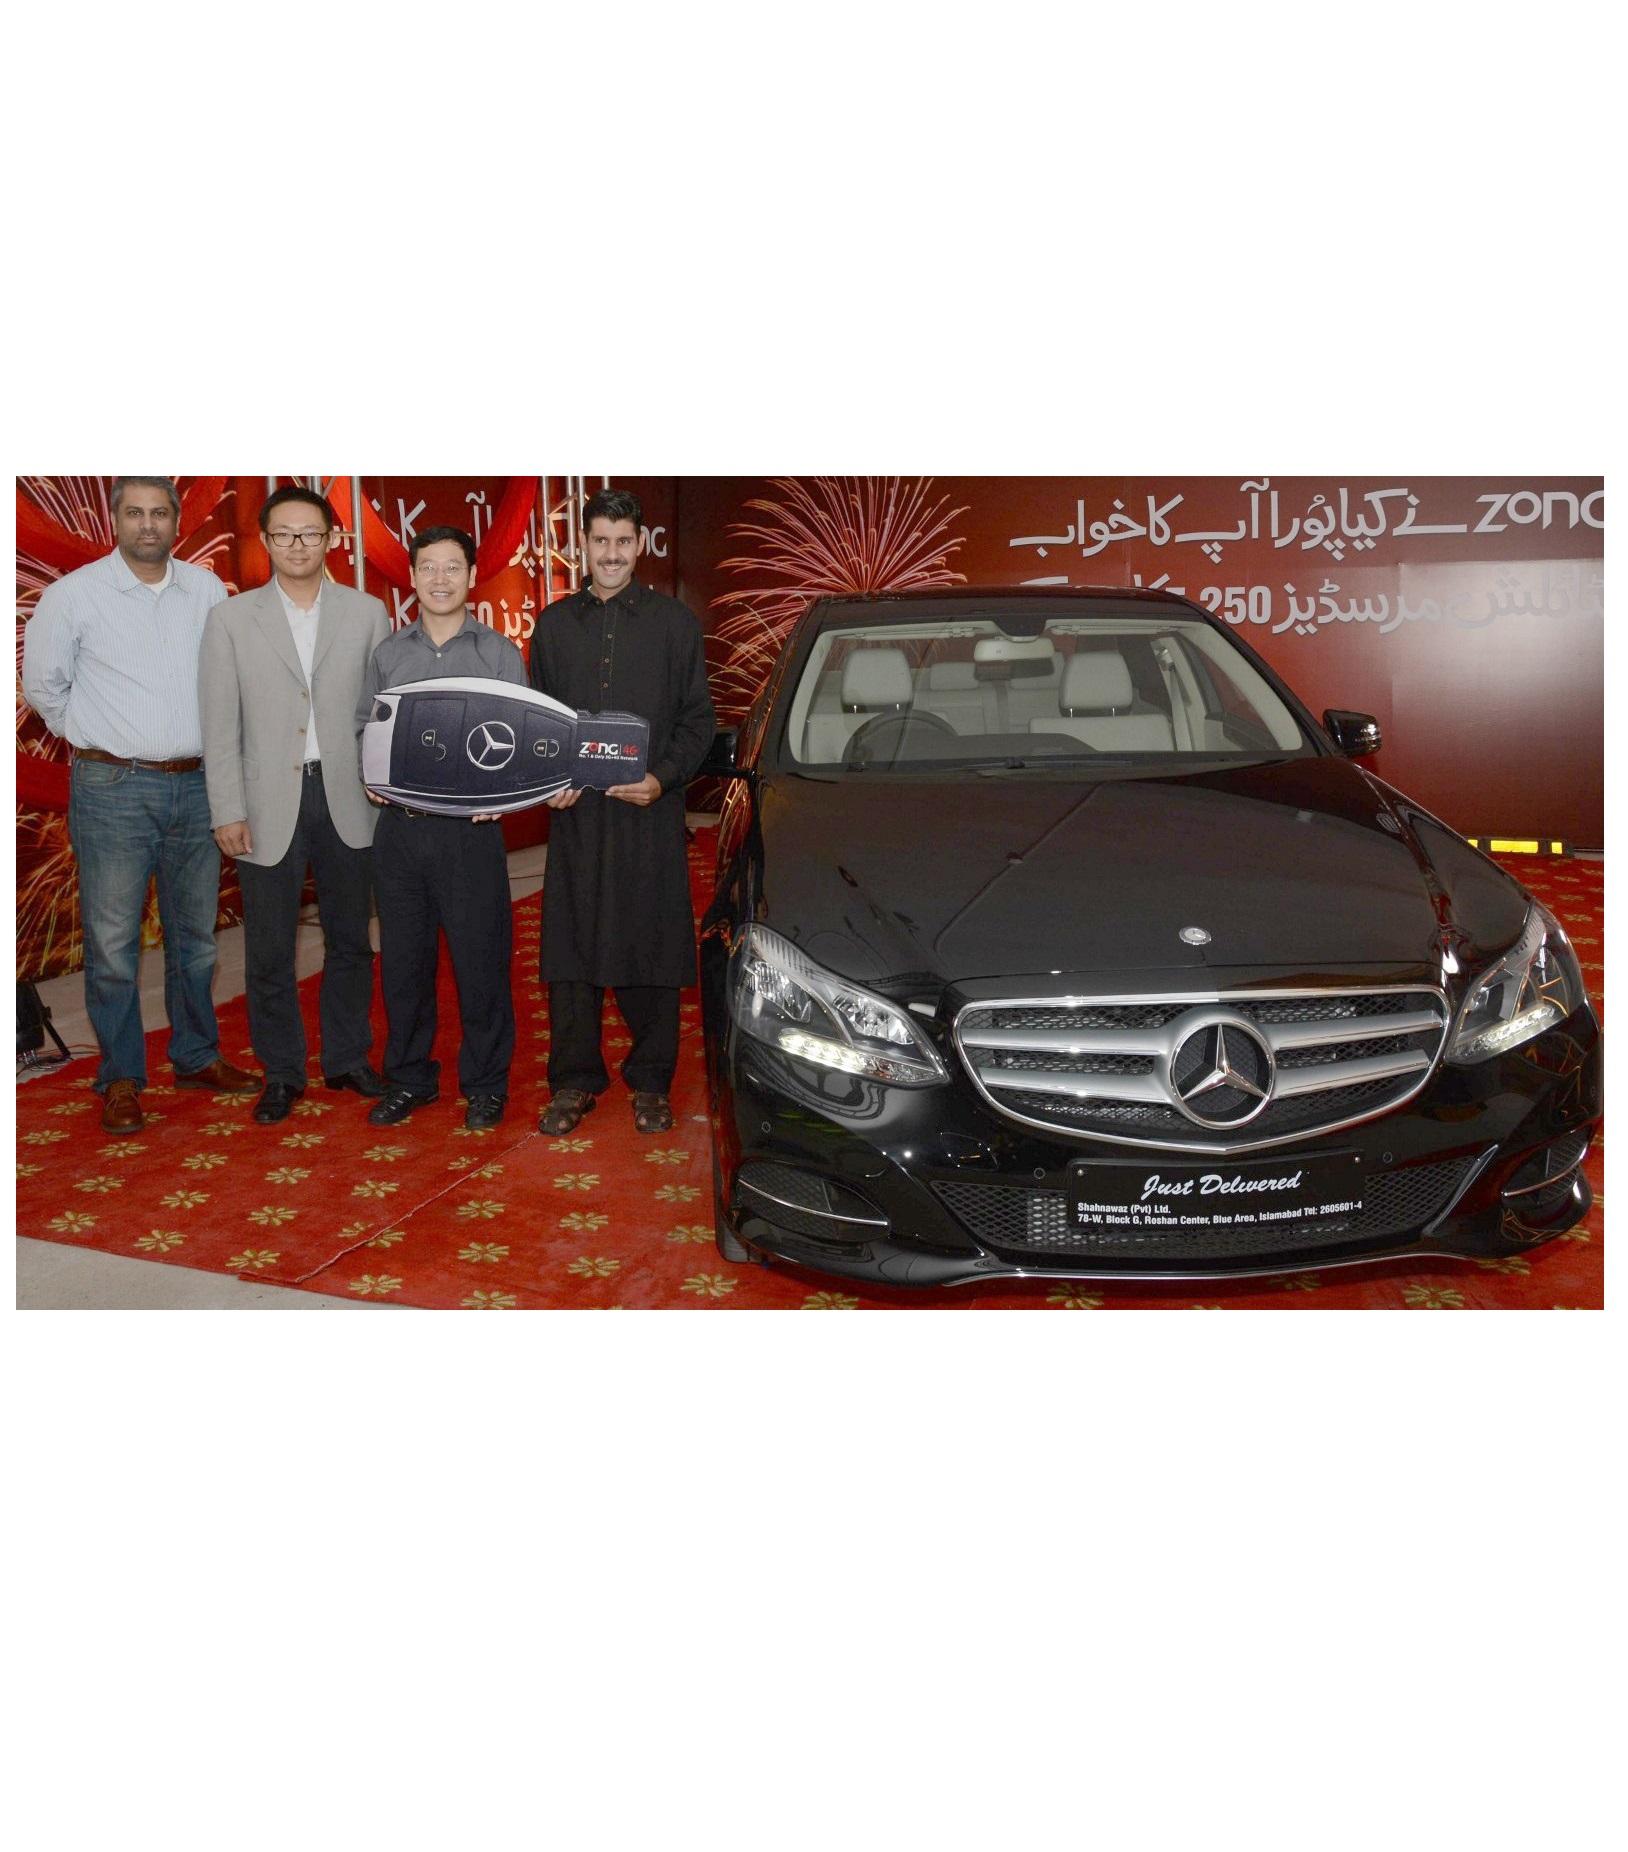 CEO Zong hands over Merzedez Benz Key to the Winner